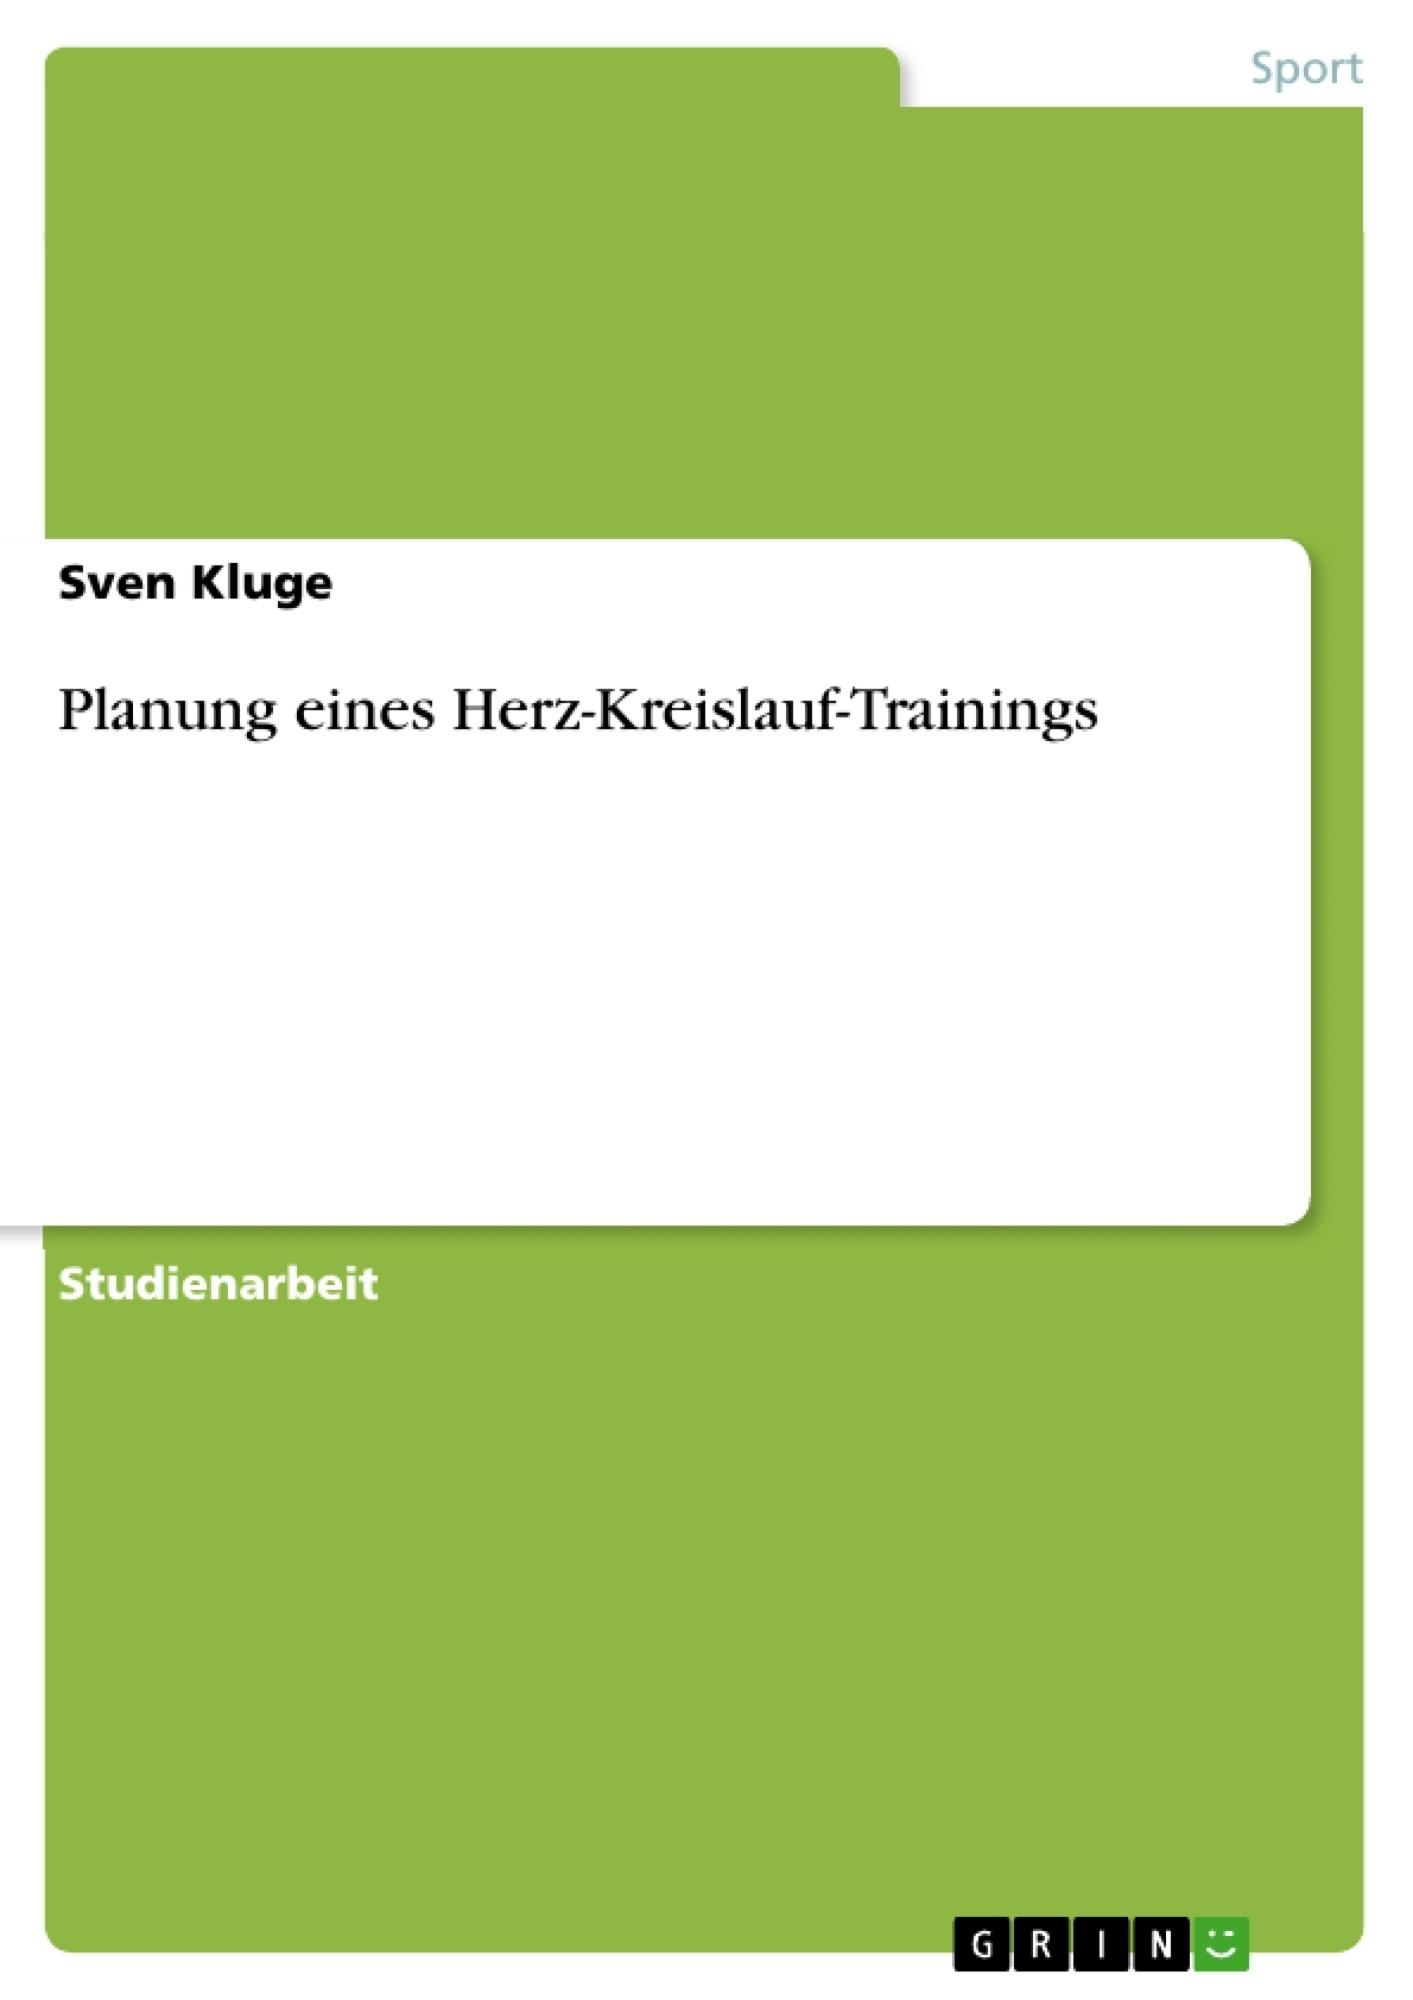 Titel: Planung eines Herz-Kreislauf-Trainings